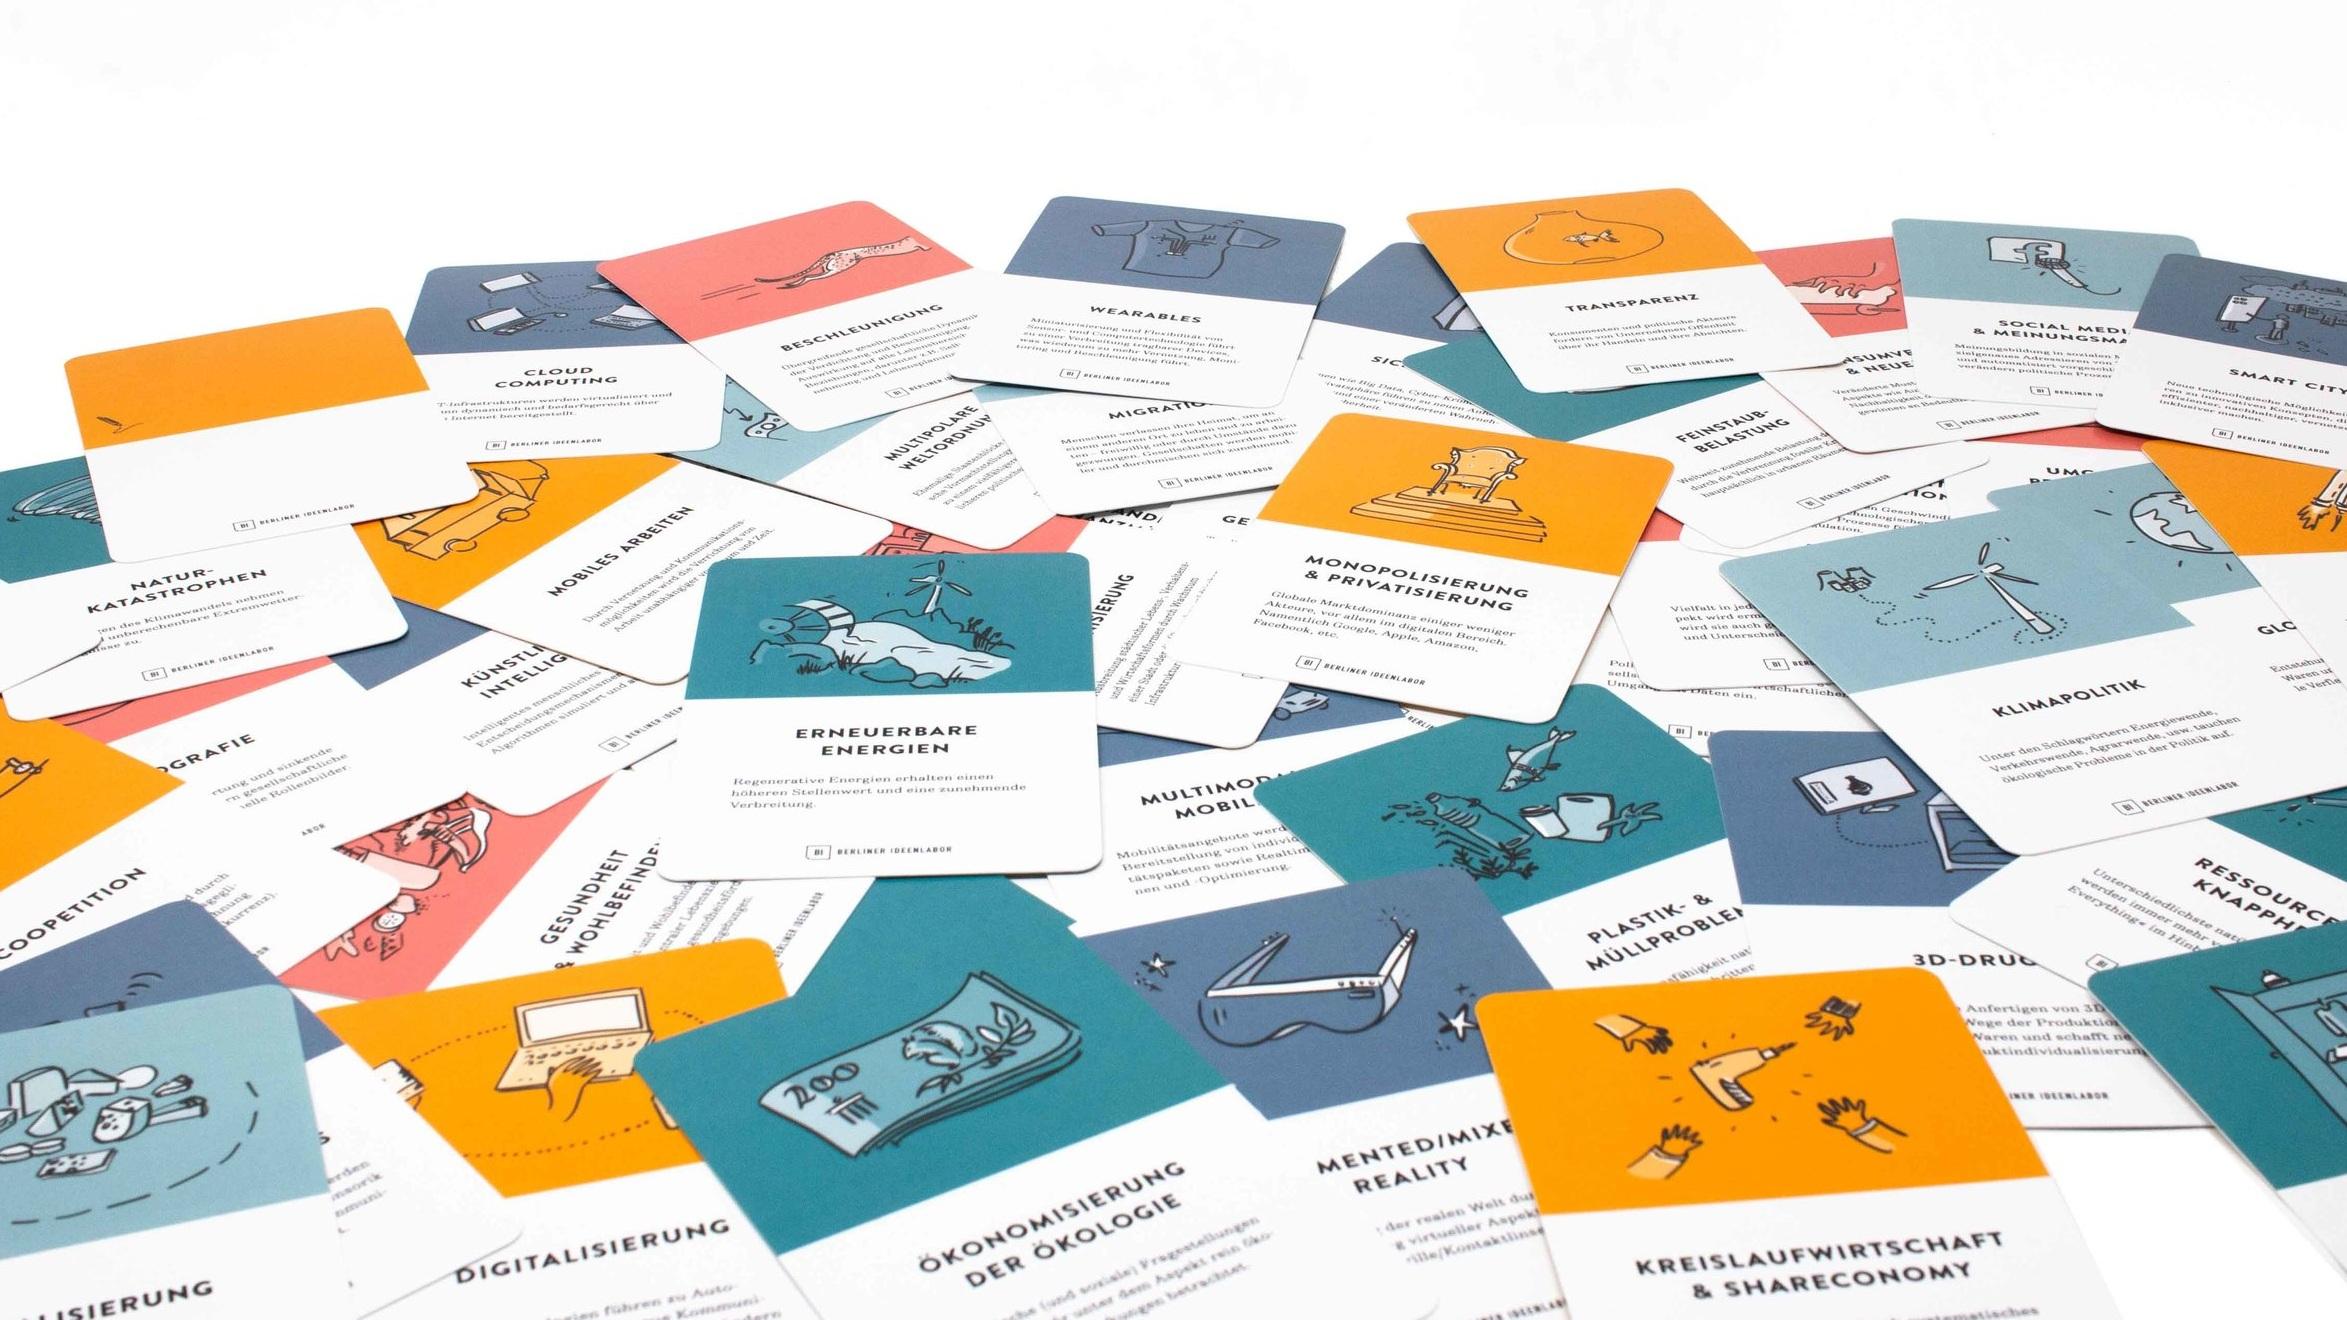 zukunftstrends_kartenset_berlinerideenlabor_allekarten